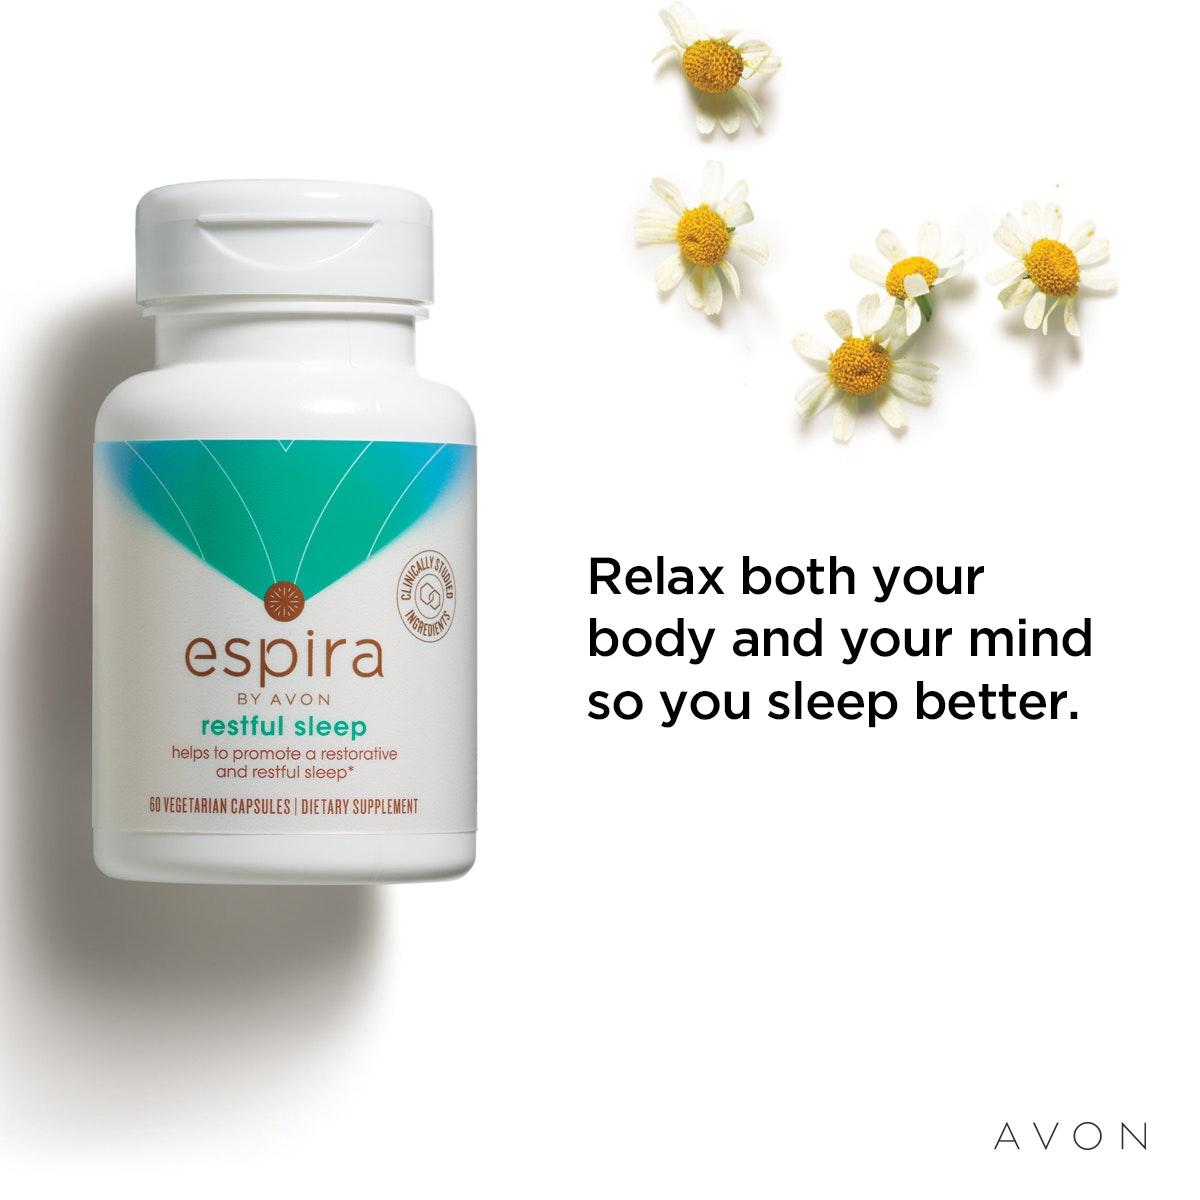 Restful Sleep Supplement from Avon